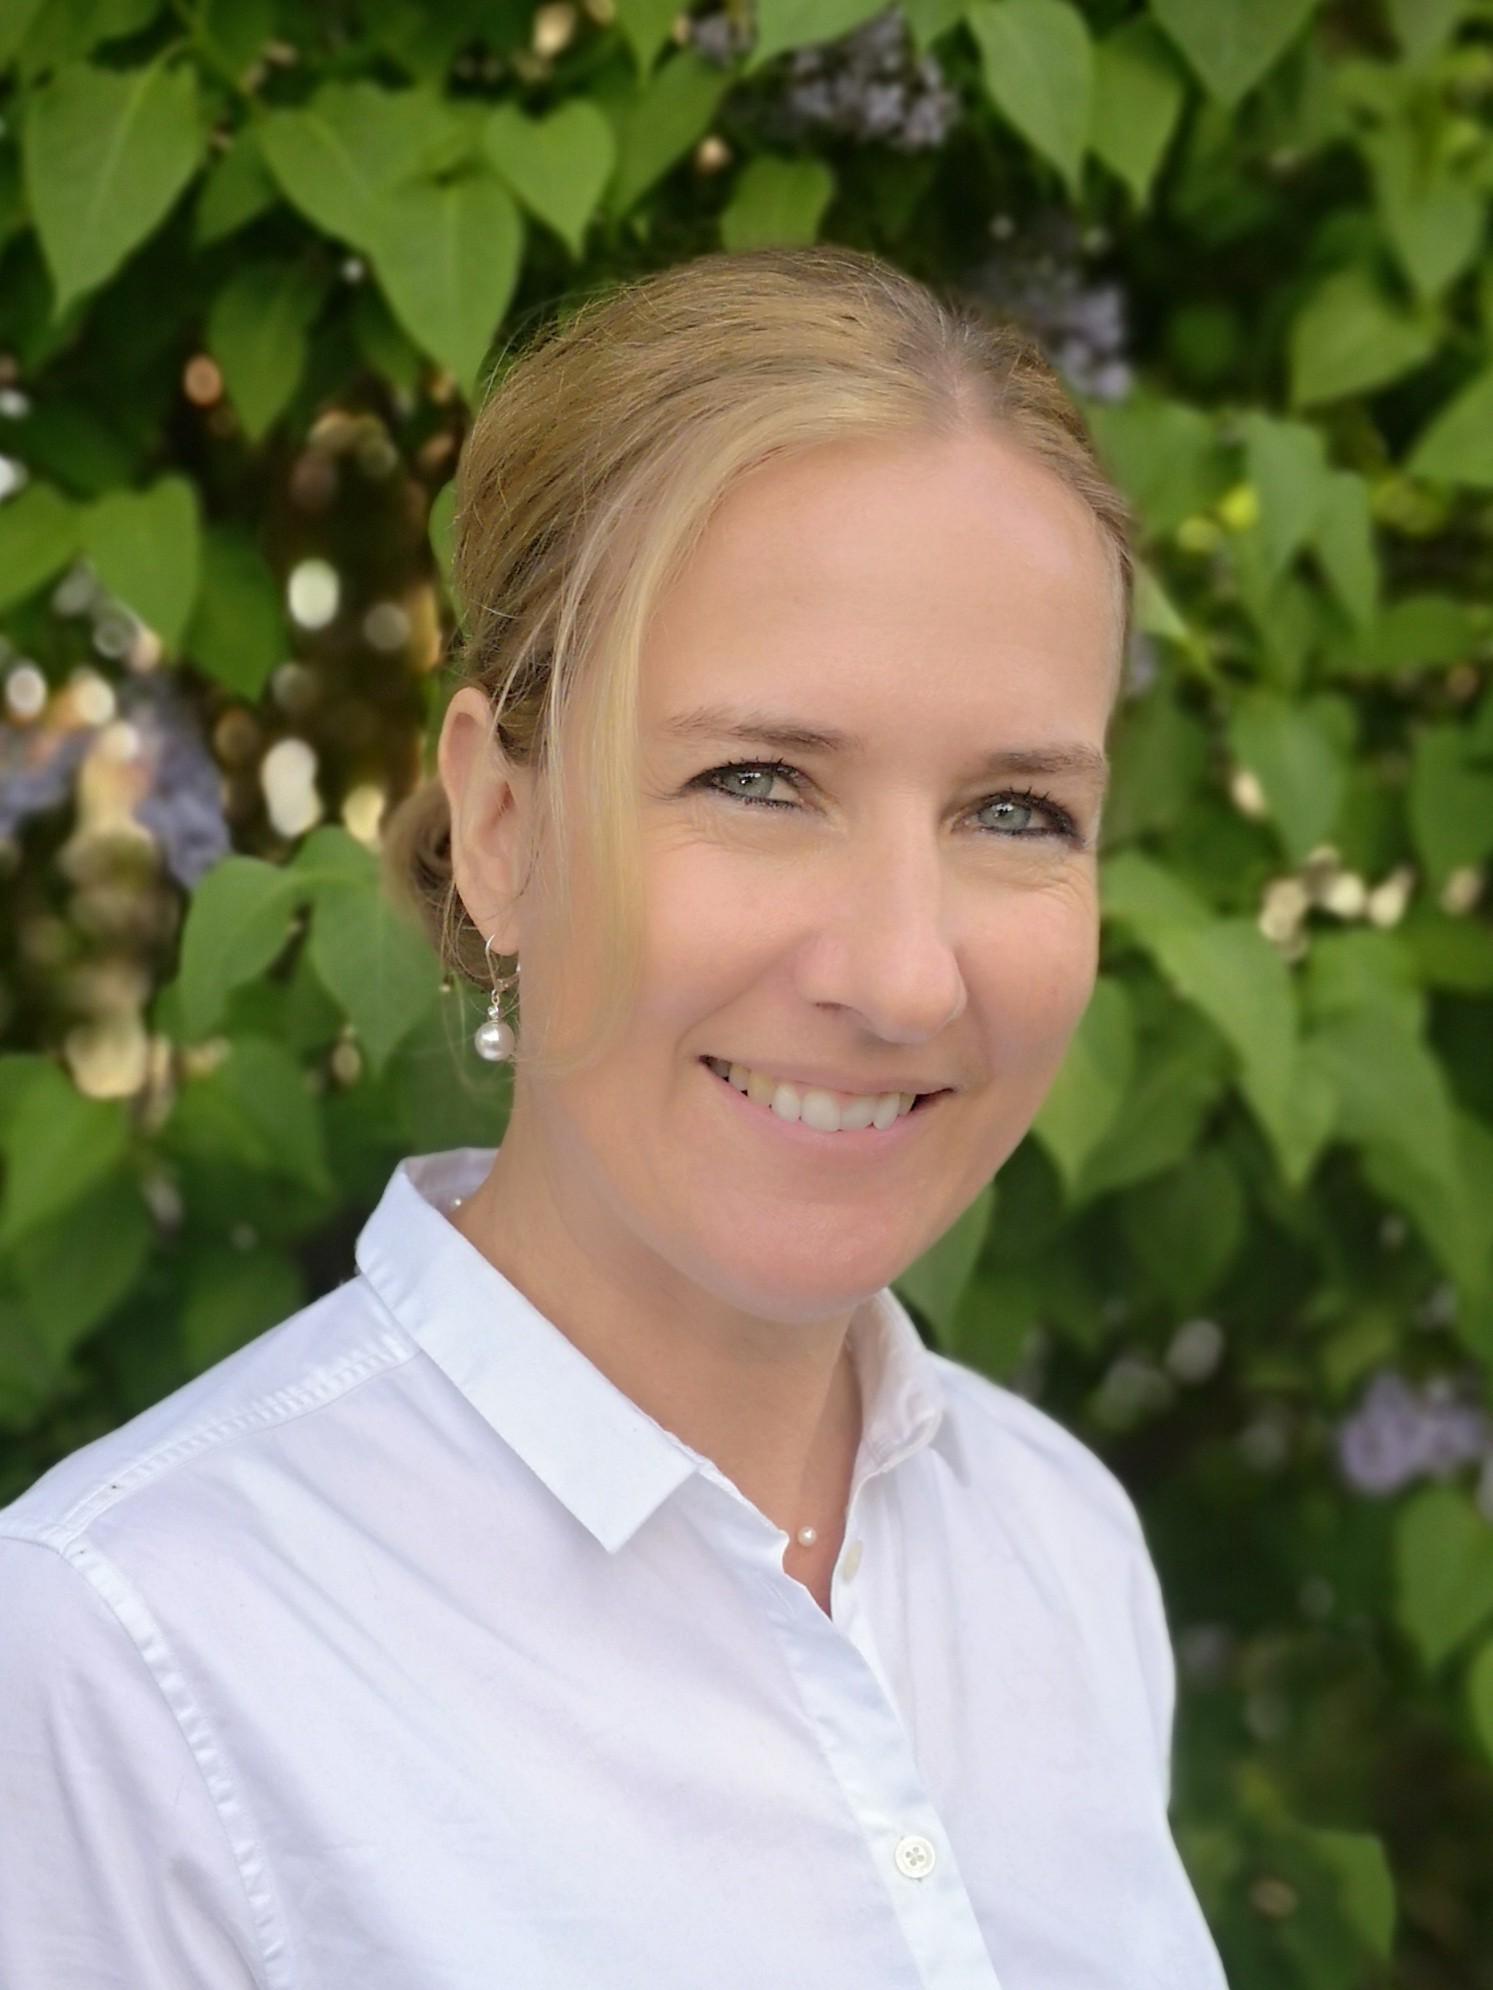 Sonja Imsiepen